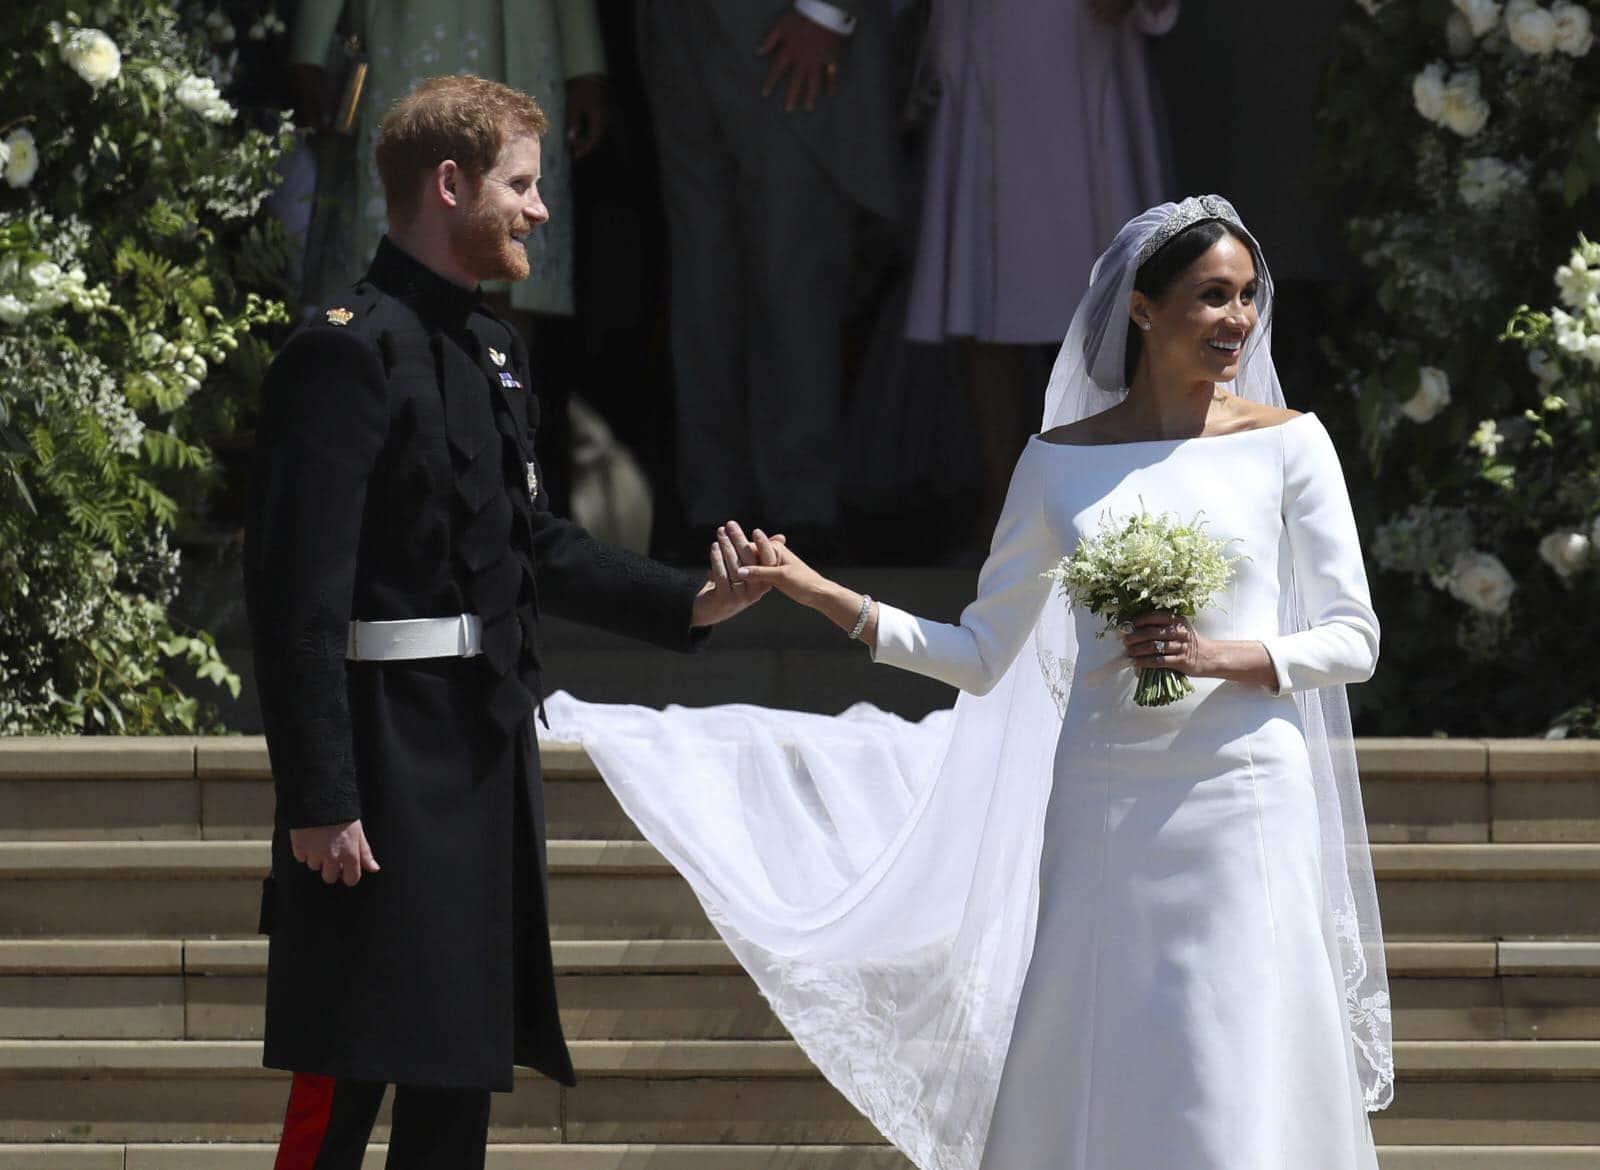 Dell'abito Da Harry Meghan E Matrimonio Sposa Le Foto xqYXHUnw